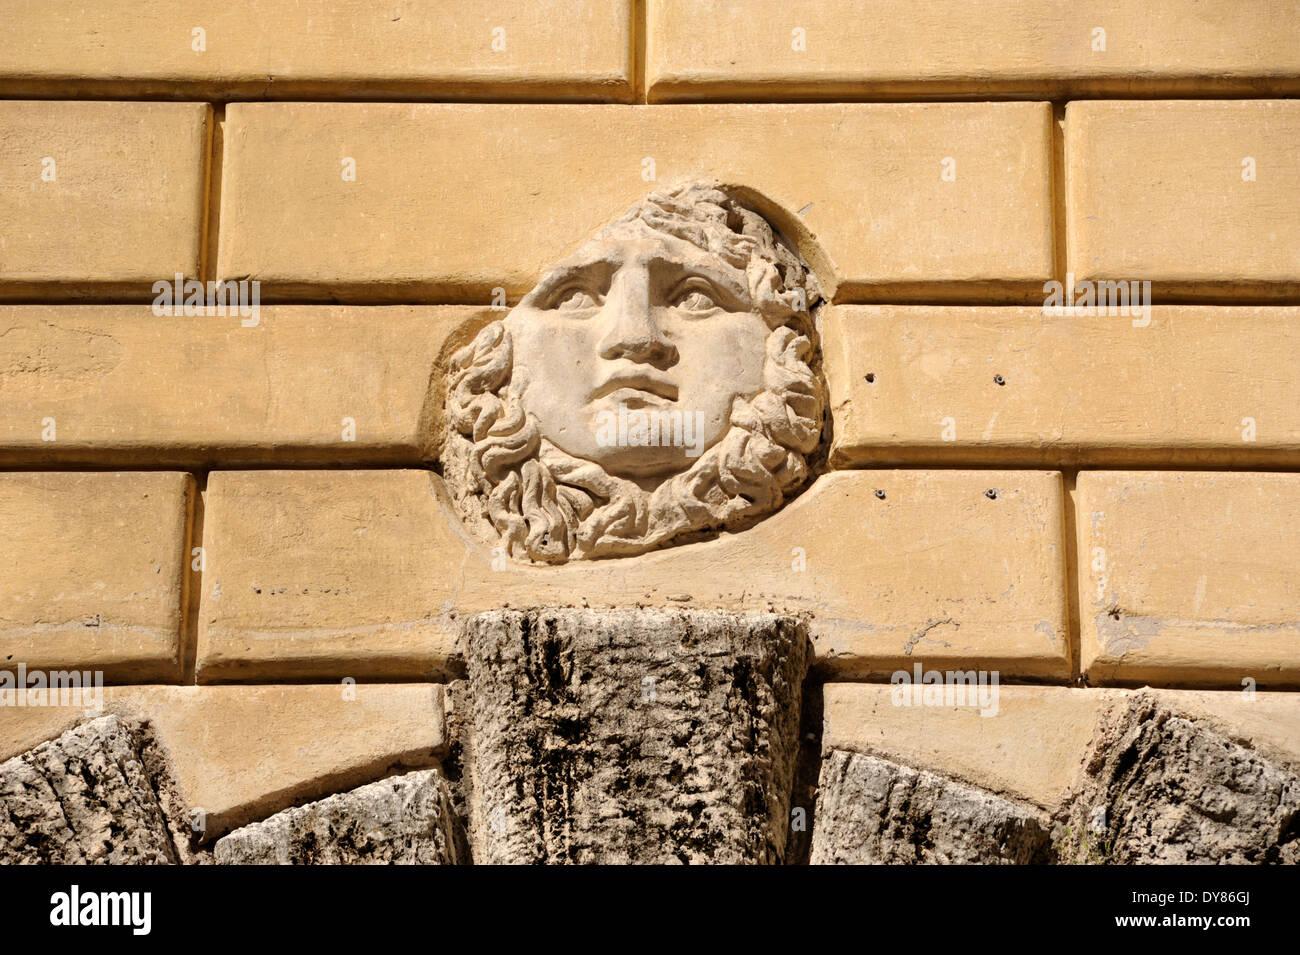 italy, rome, jewish ghetto, palazzo cenci, Medusa head, ancient ...